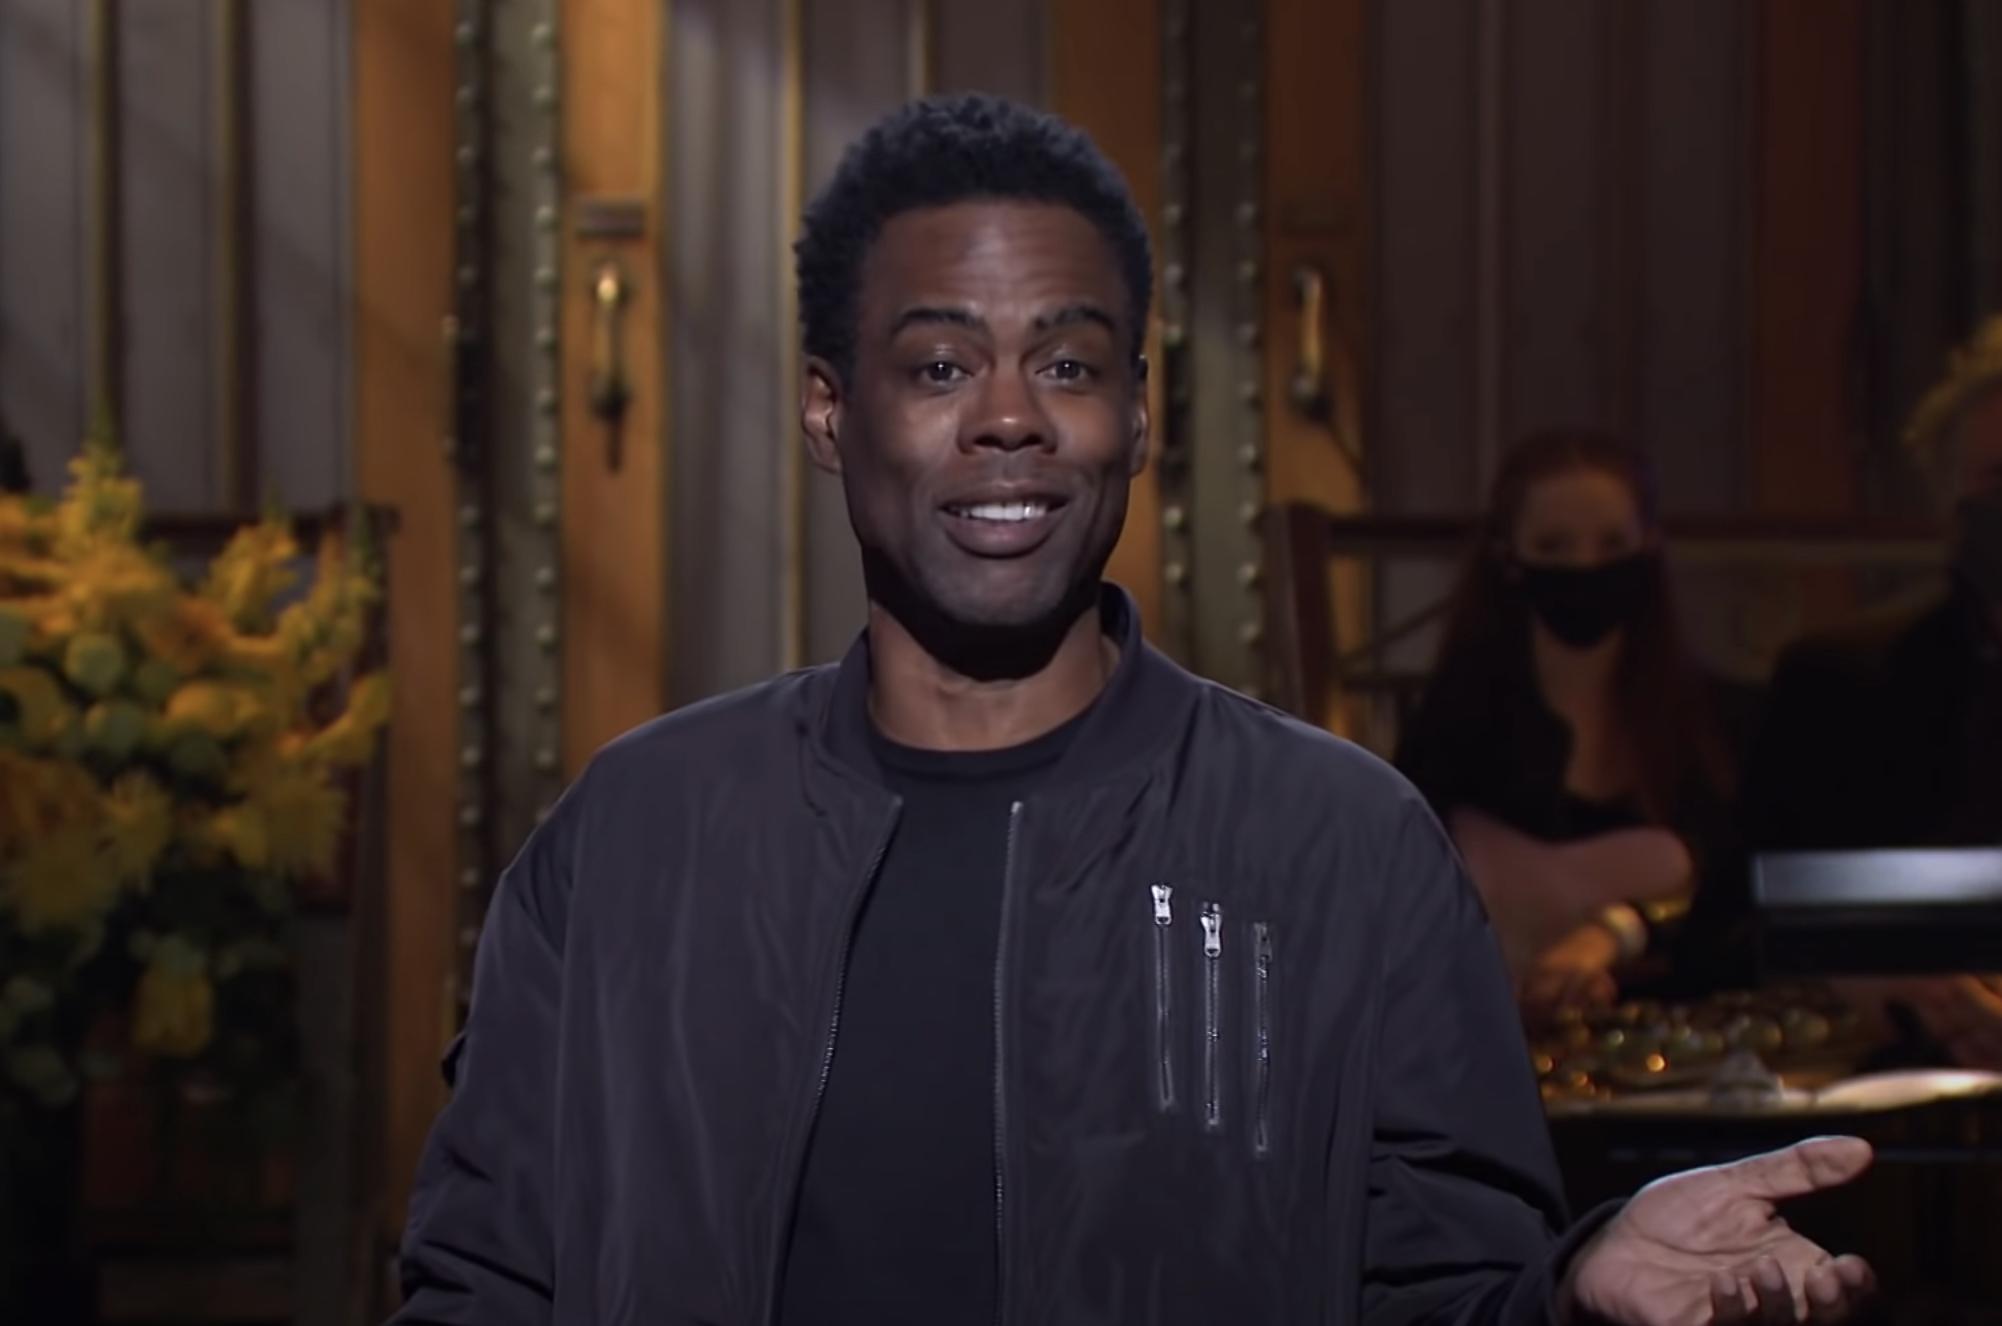 El elenco de 'SNL' y Chris Rock recuerdan la temporada 46 de 'Crazy' en el Finale Cold Open